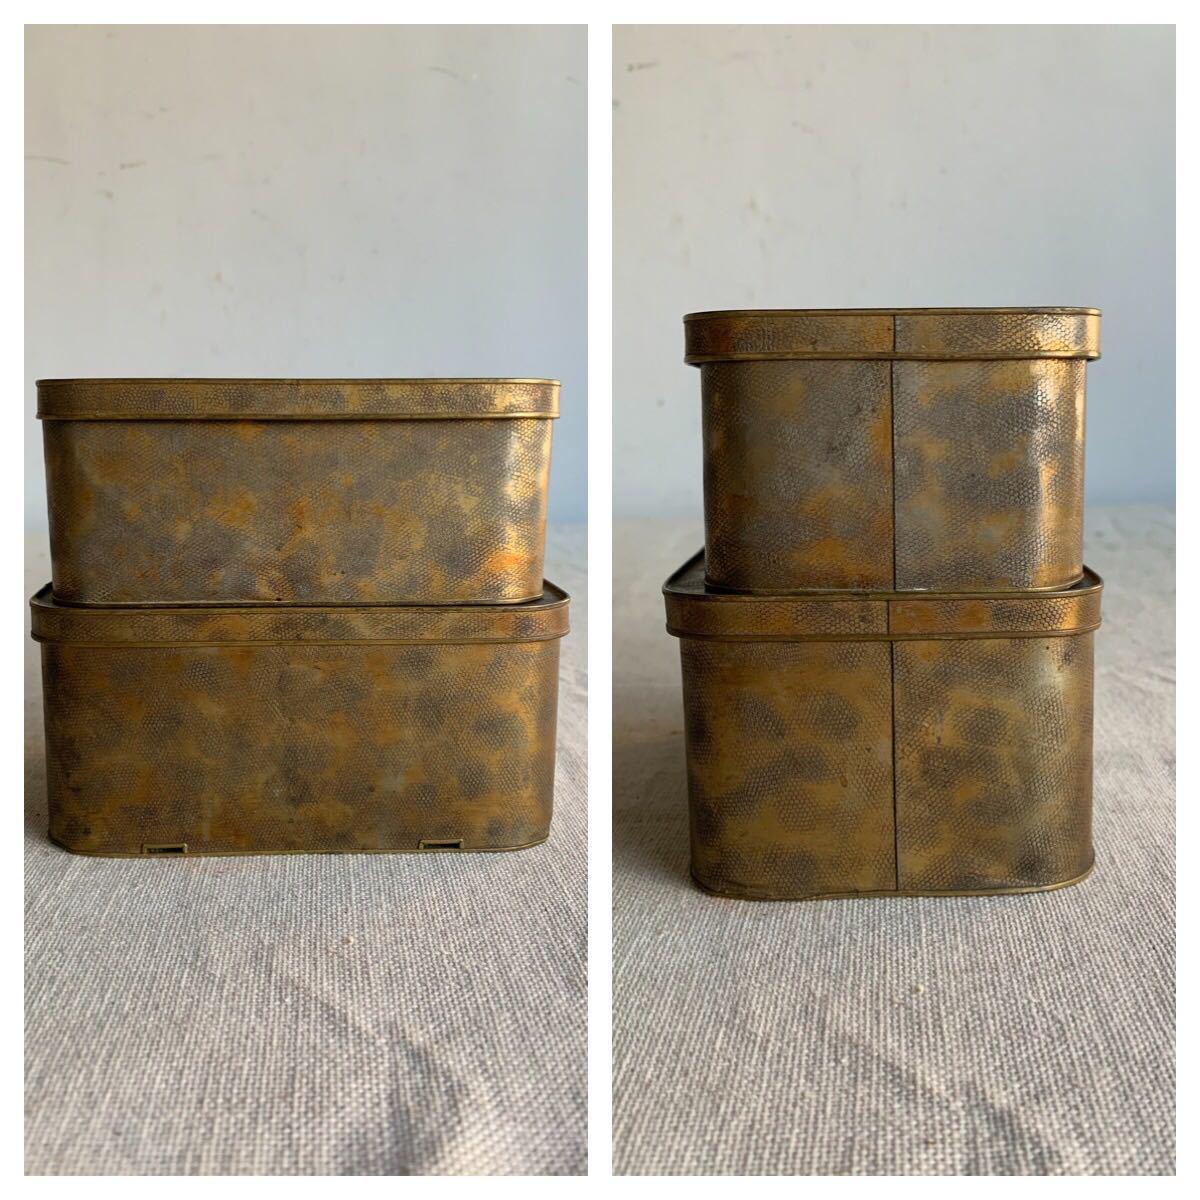 古い真鍮製の入れ子箱2個セット ケース収納旧家蔵出レトロ古民家古道具古物骨董アンティークビンテージシャビーインテリアディスプレイ整理_画像2